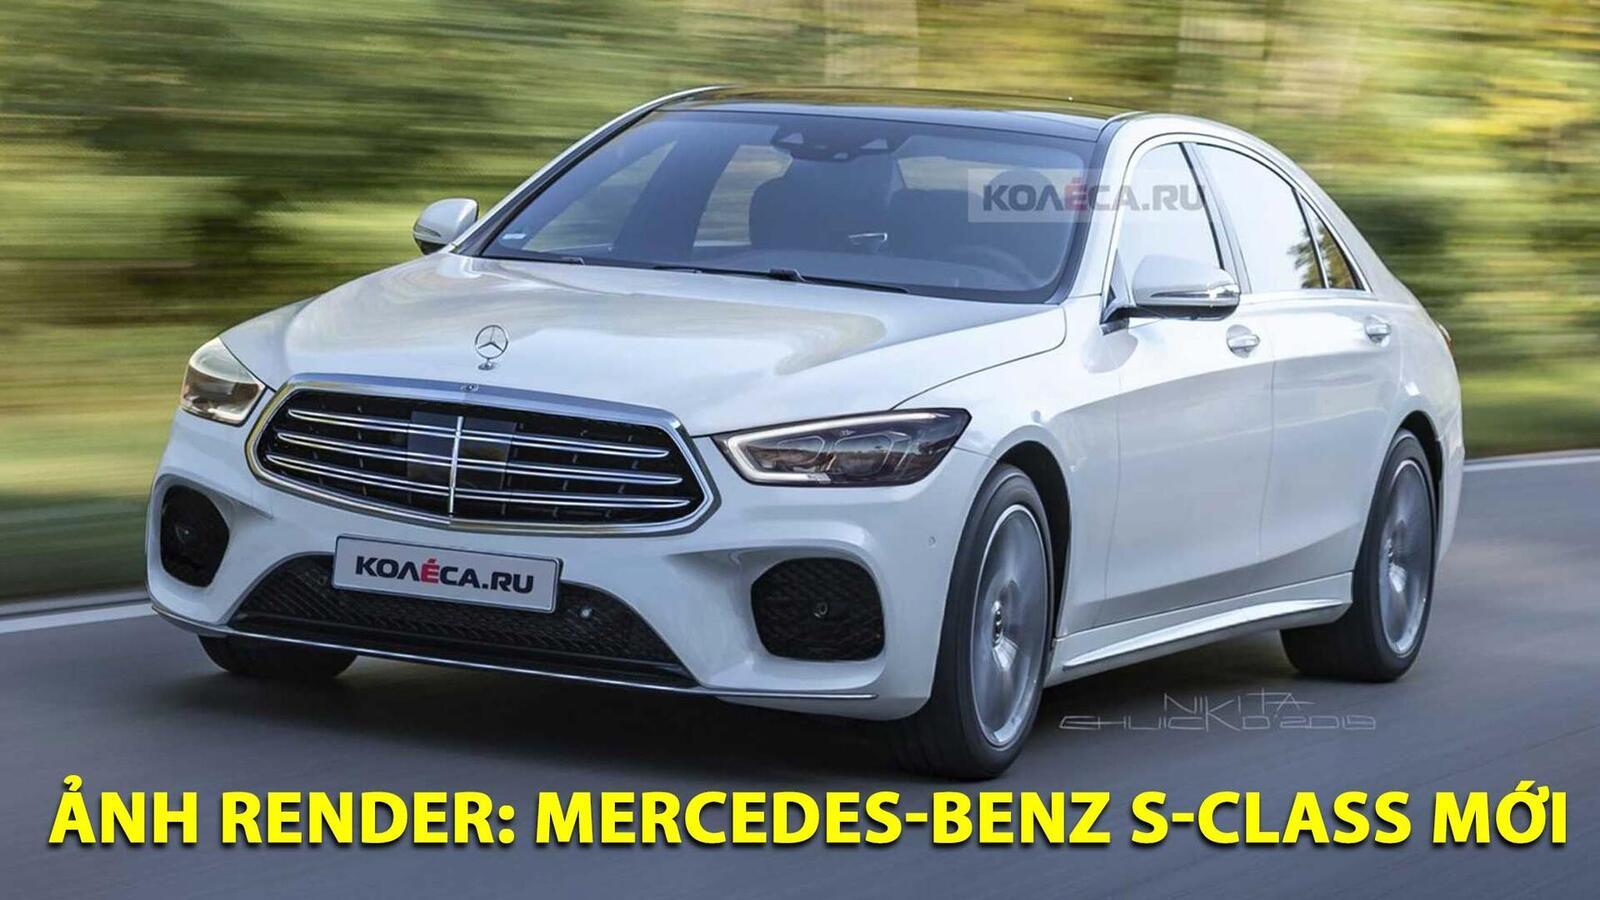 Ảnh render Mercedes-Benz S-Class thế hệ mới; đột phá về thiết kế - Hình 1